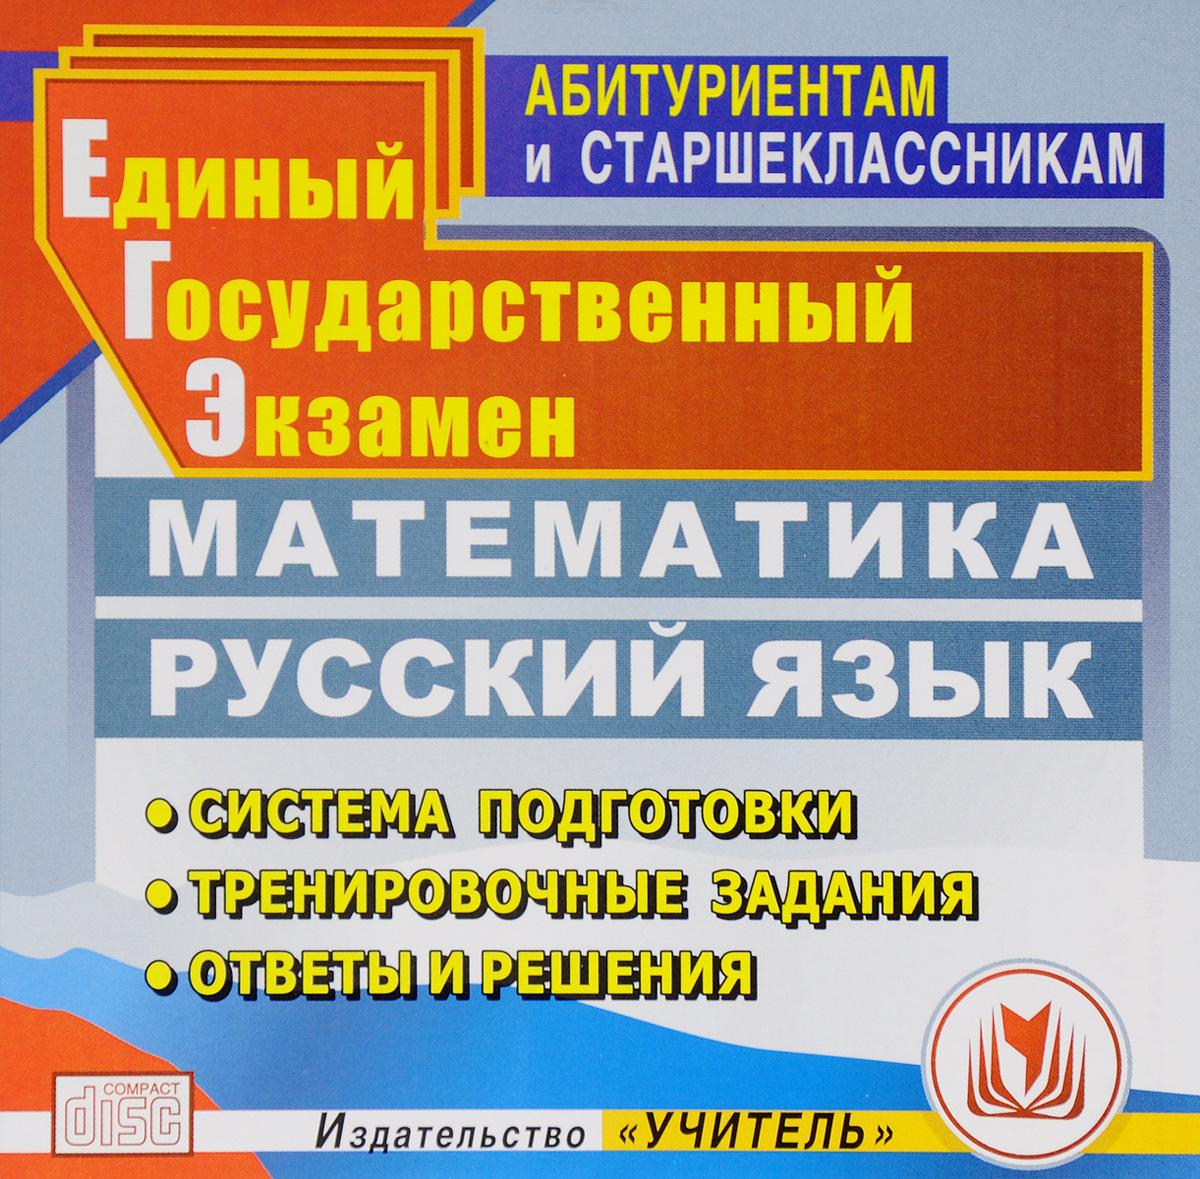 Единый государственный экзамен. Математика. Русский язык. Система подготовки. Тренировочные задания. Ответы и решения